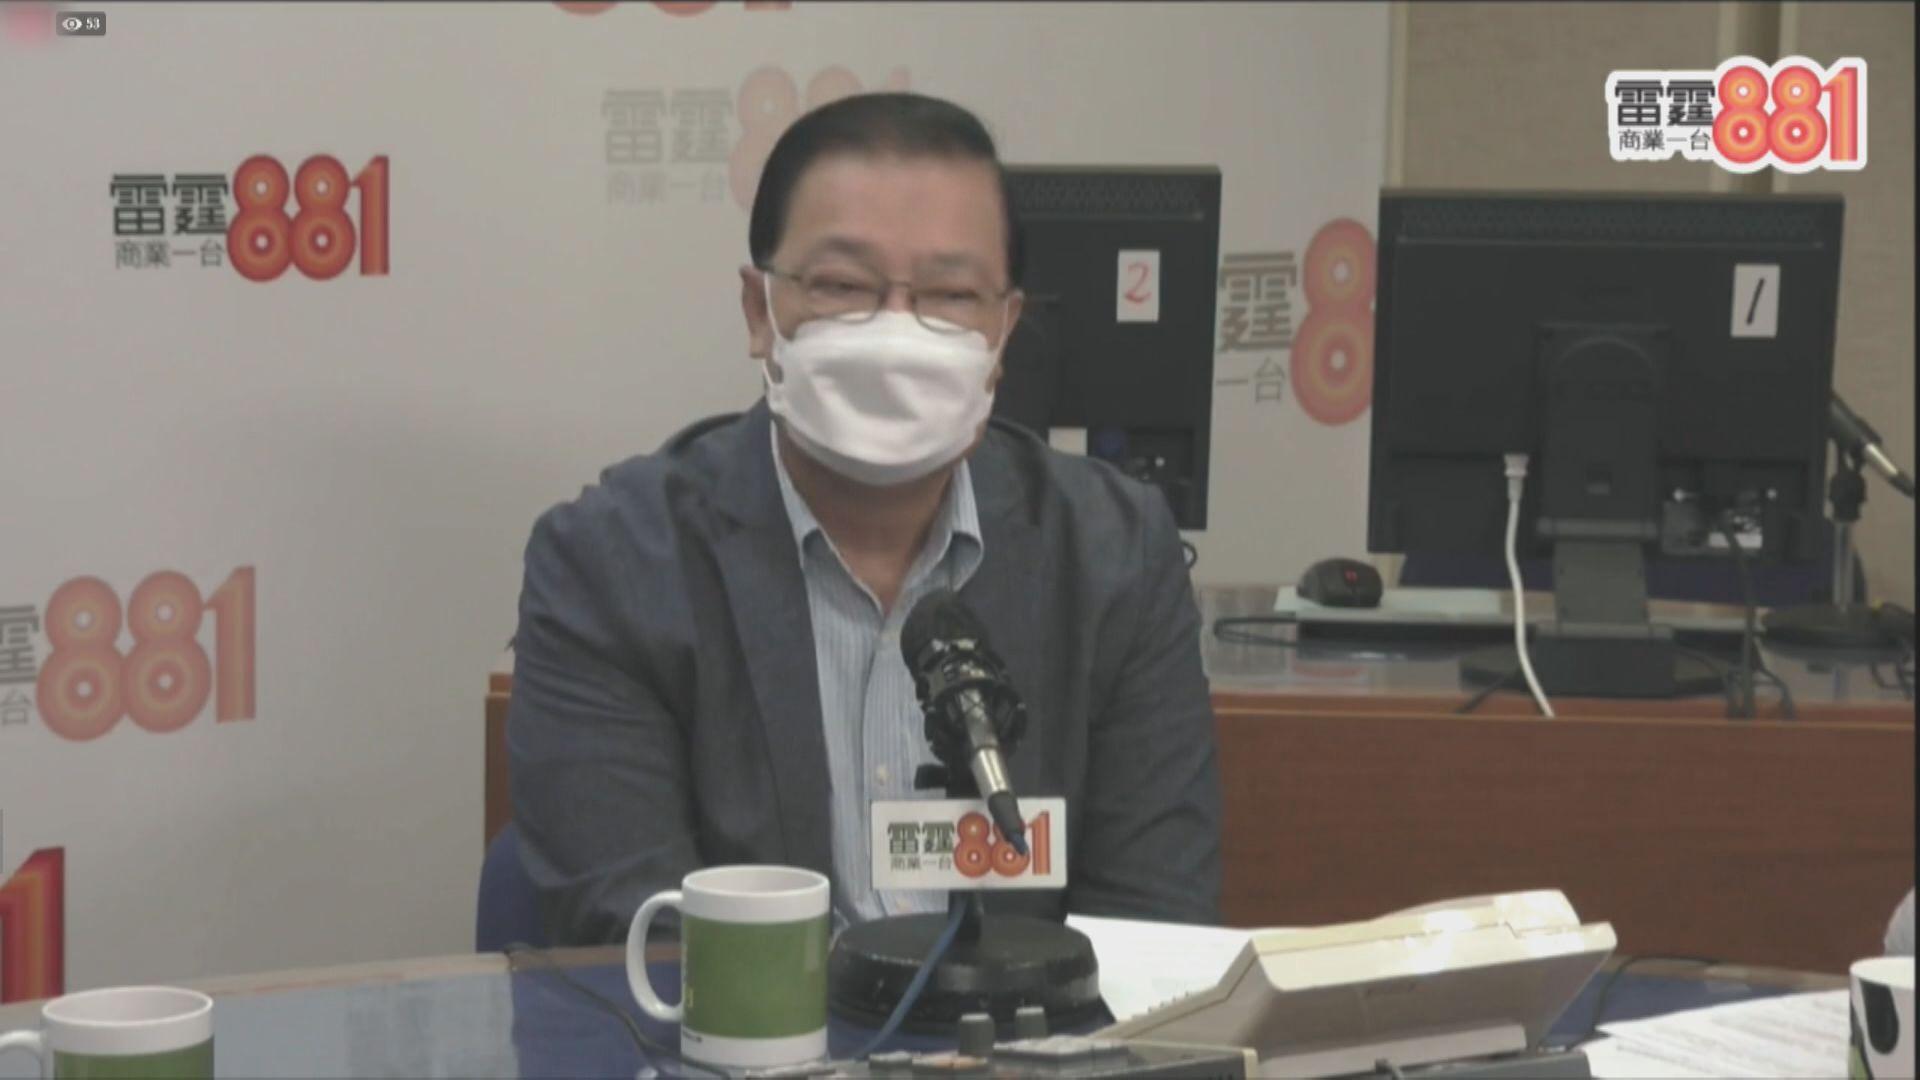 譚耀宗:香港不會被深圳取代